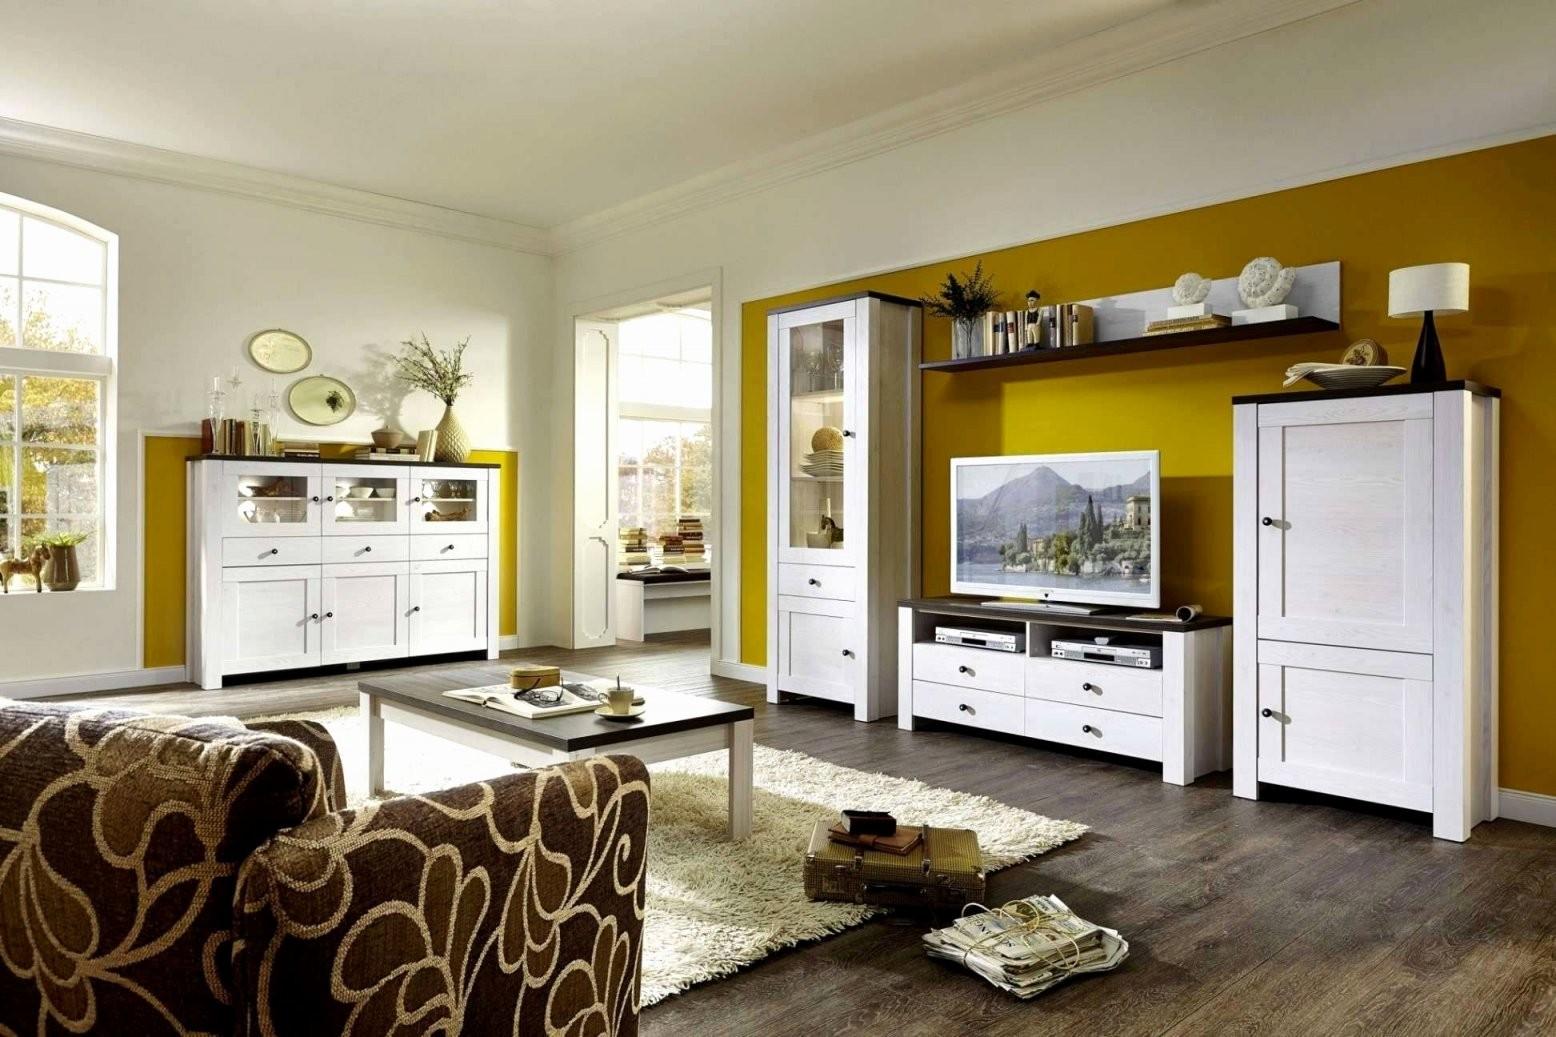 Kleines Wohnzimmer Mit Essbereich Einrichten Planen Wie ...